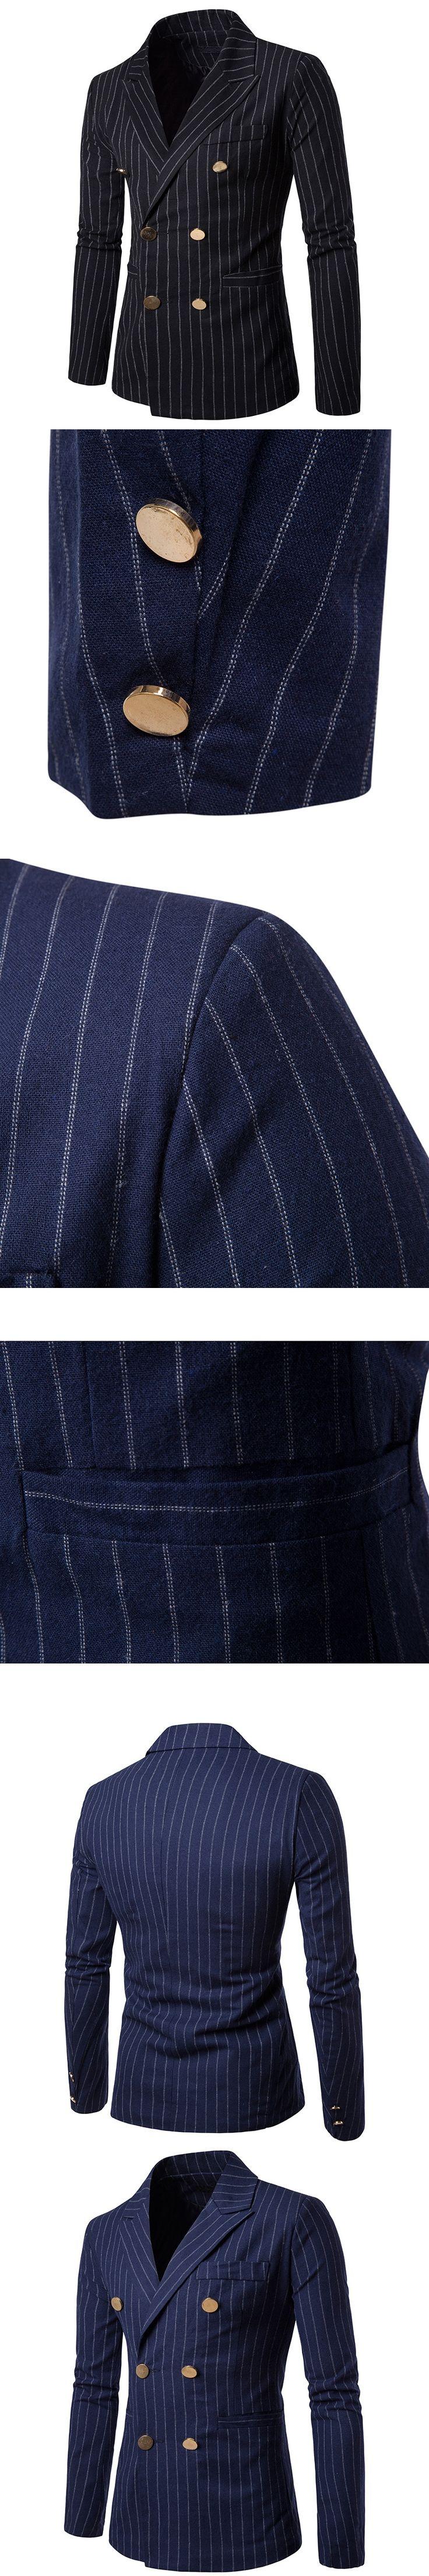 Men Striped Blazer Designs High Quality Fashion Slim Fit Suit Wedding Suits for Men Latest Coat Pant Designs Jacket Men Casual